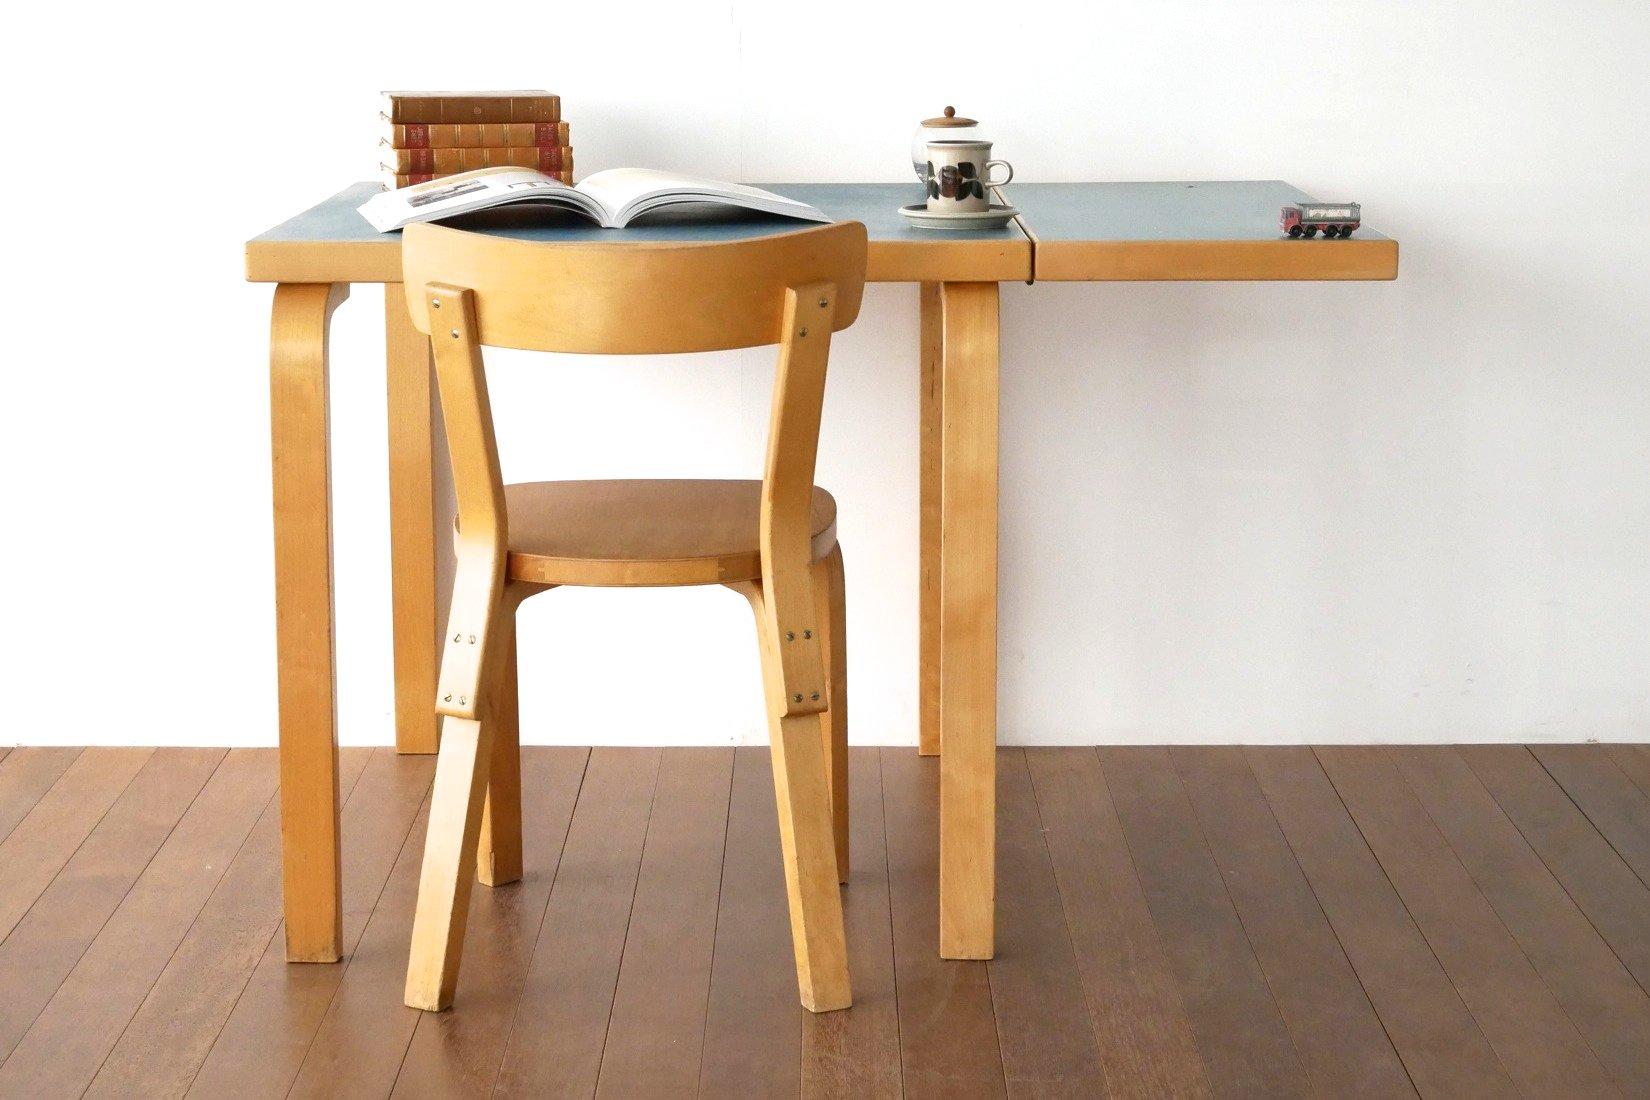 折りたたみテーブル アルヴァ・アアルト ターコイズブルー【1803-0022】